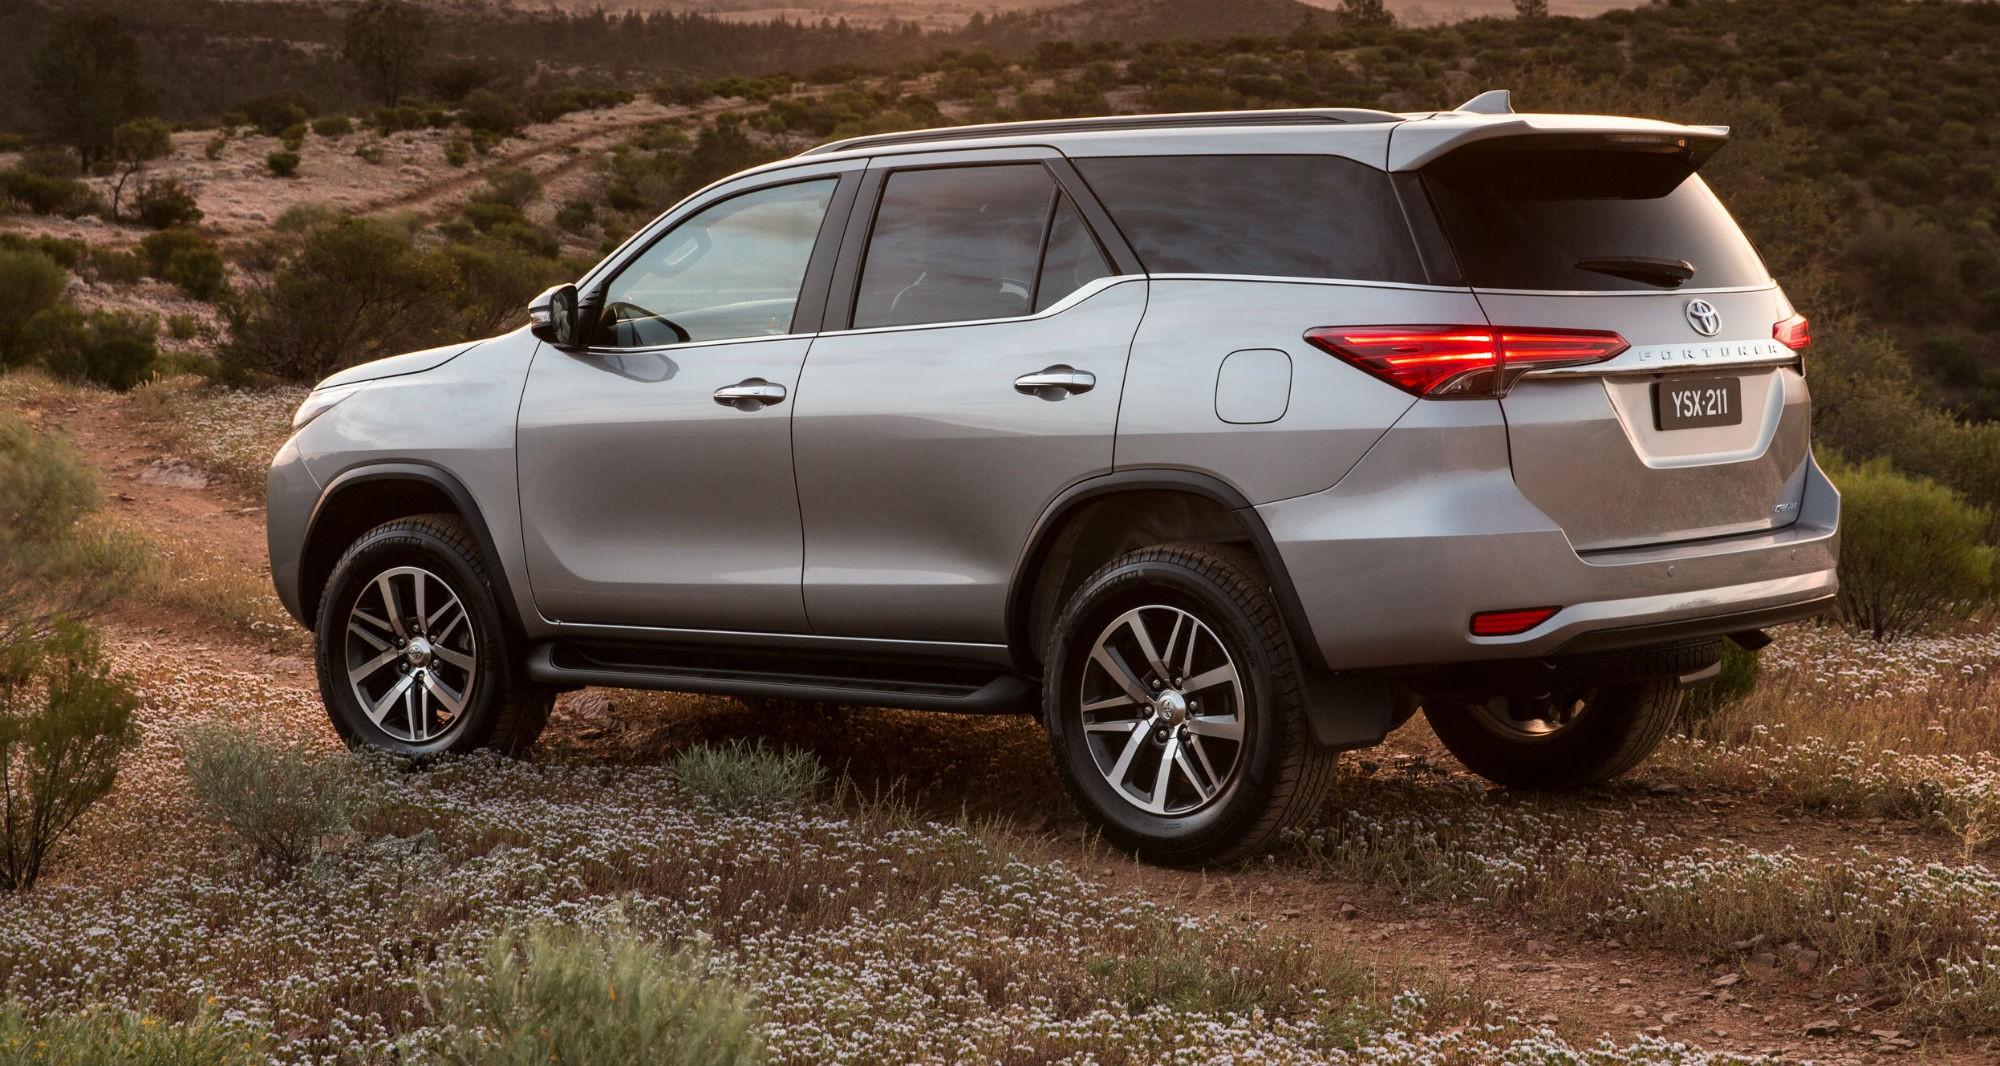 3. Đứng ở vị trí thứ ba là Toyota Fortuner với số lượng xe được bán ra là 1.216 xe. Chiếc xe này có giá bán trên thị trường dao động từ 947 – 1.233 triệu đồng/chiếc.